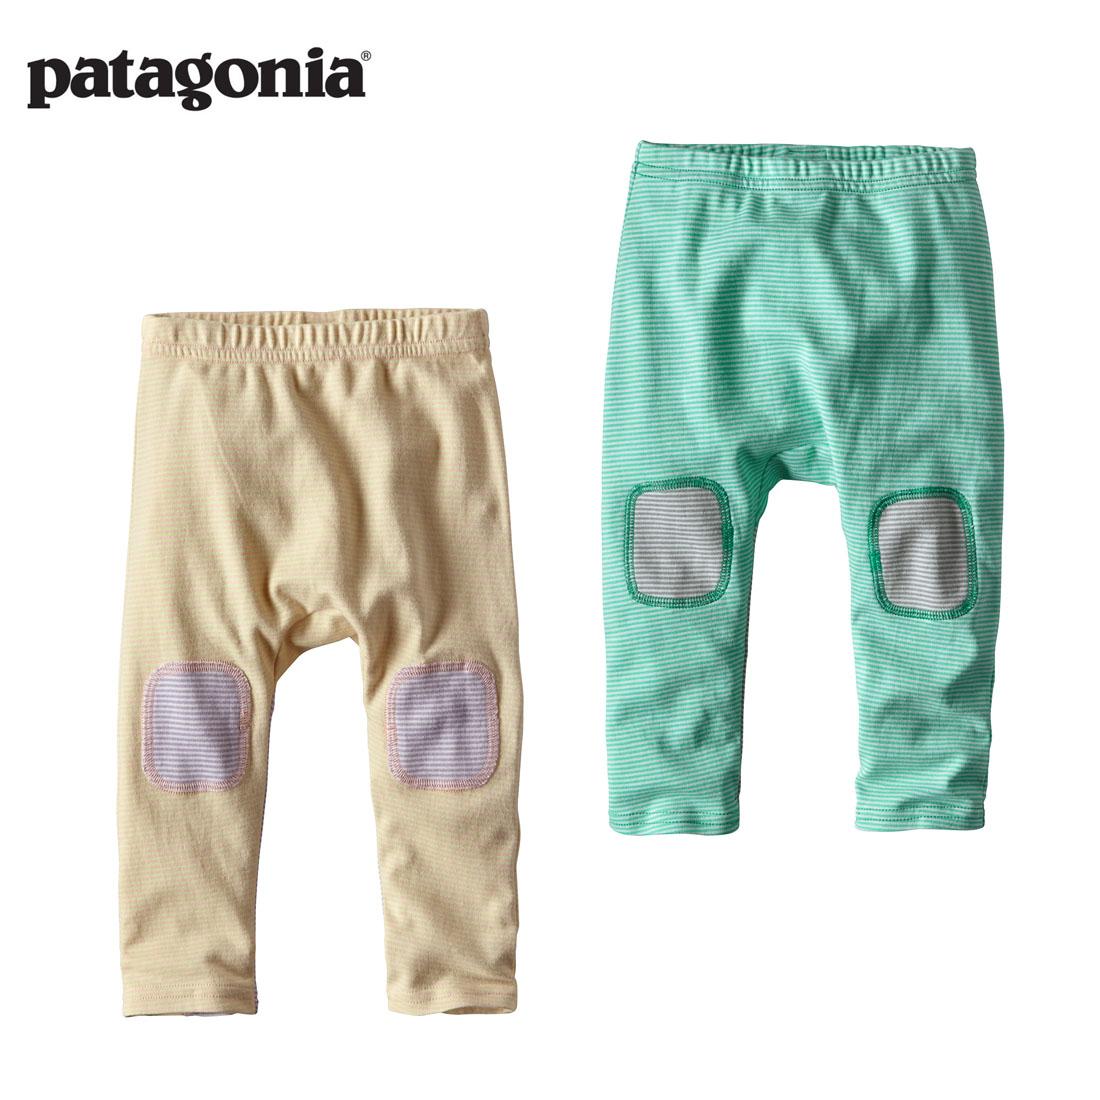 パタゴニア patagonia キッズ  ベビー・コージー・コットン・パンツ(18M/18ヶ月 2T/2歳)オーガニックコットン 【メール便可】60235